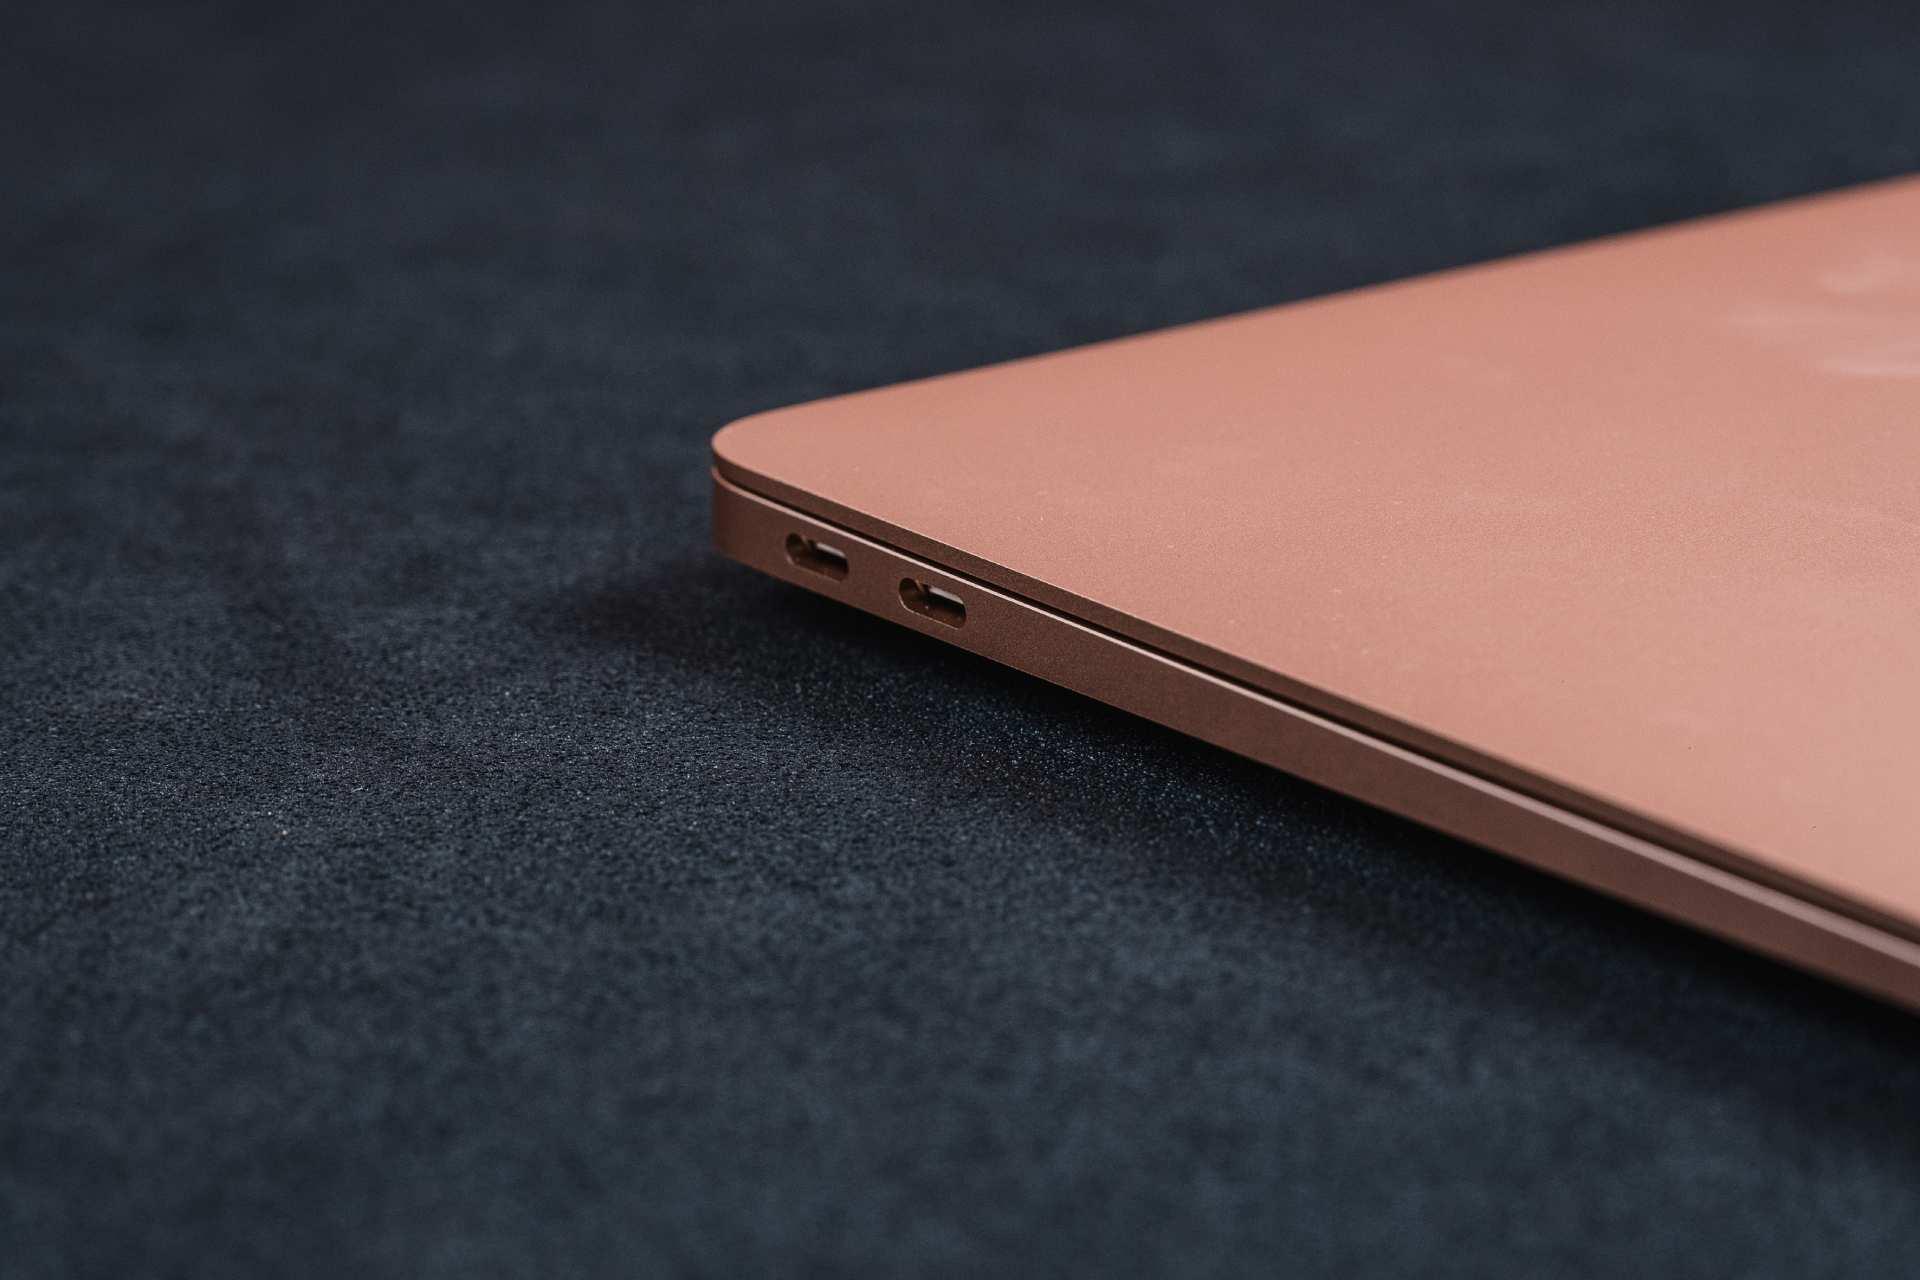 Foto do MacBook Air M1 fechado, com foco nas duas portas USB 4 na lateral esquerda do note